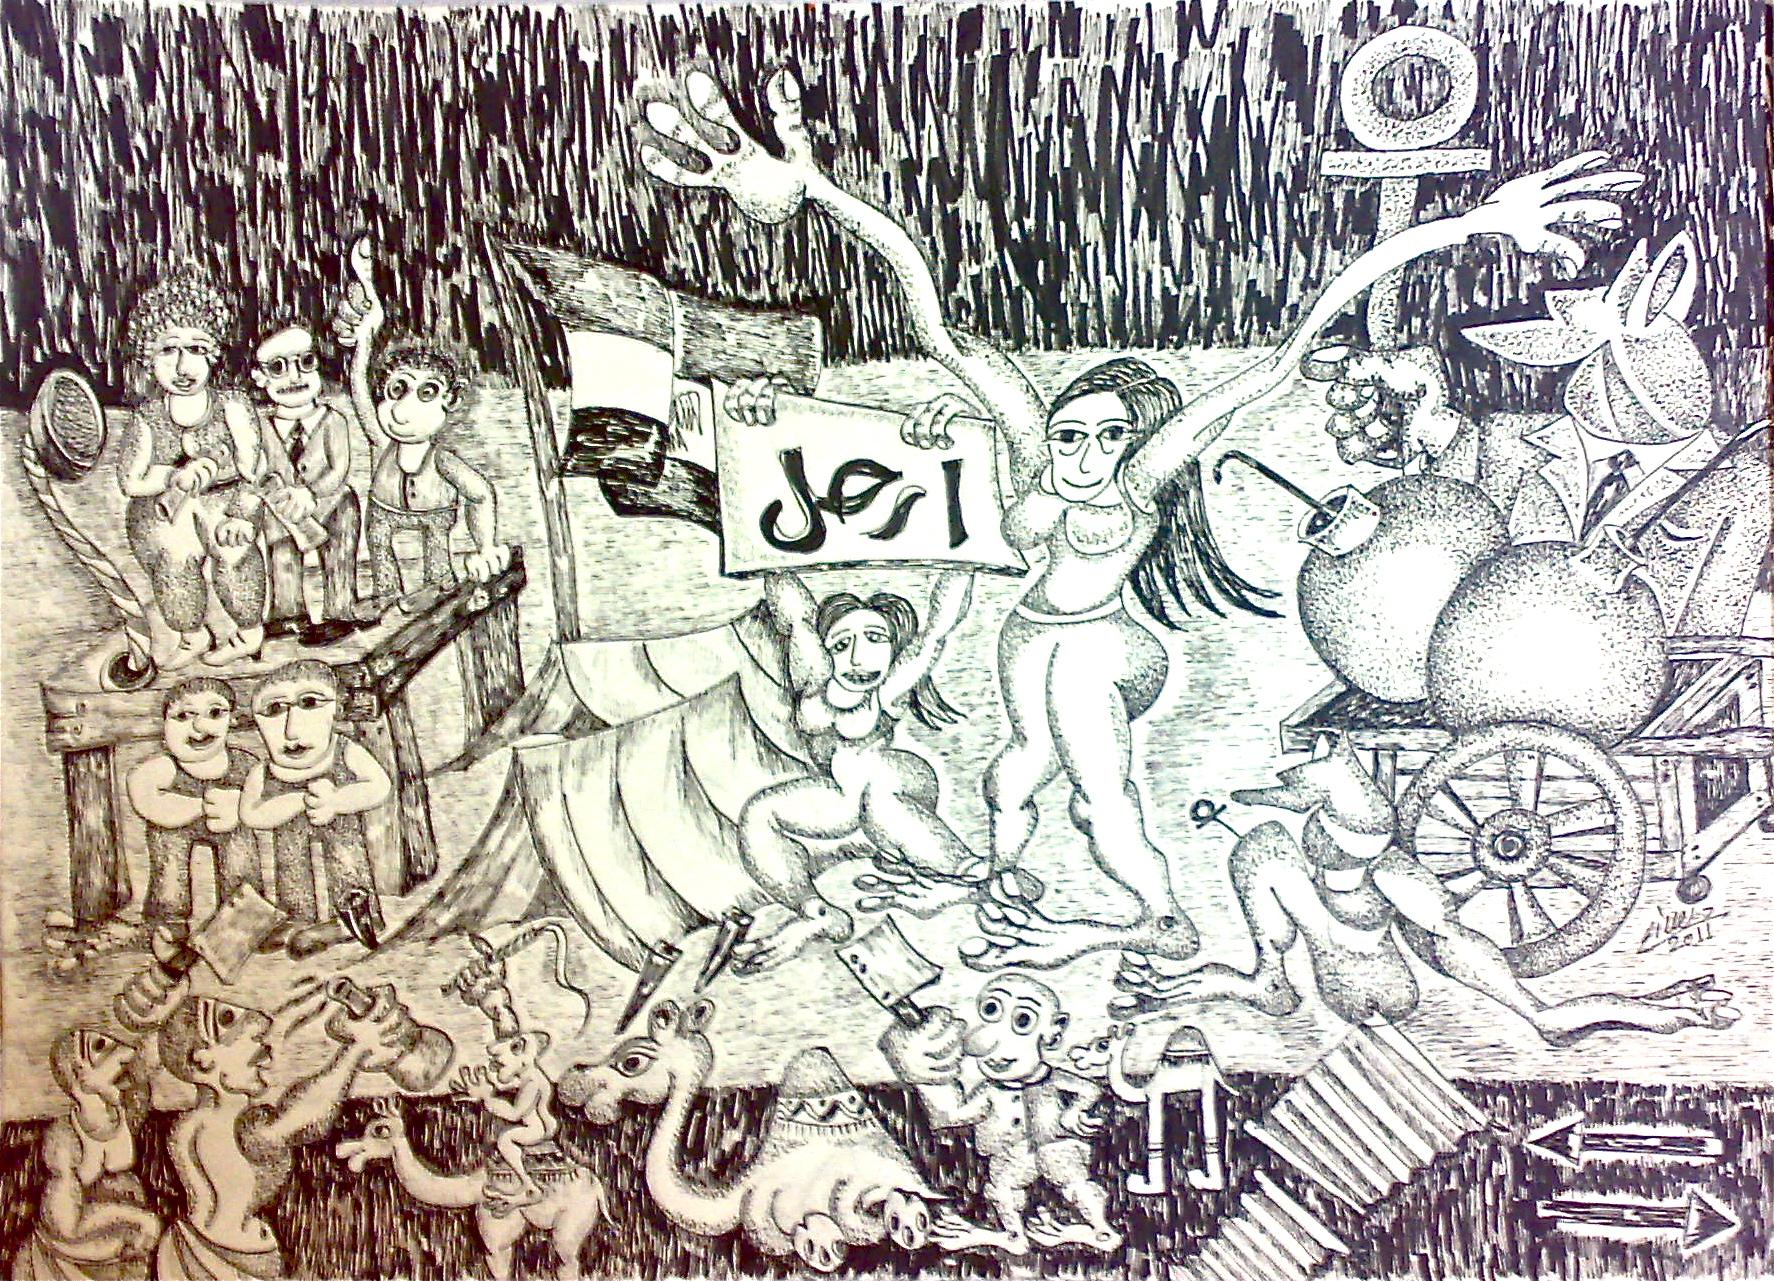 فن تشكيلي، ثورة يناير